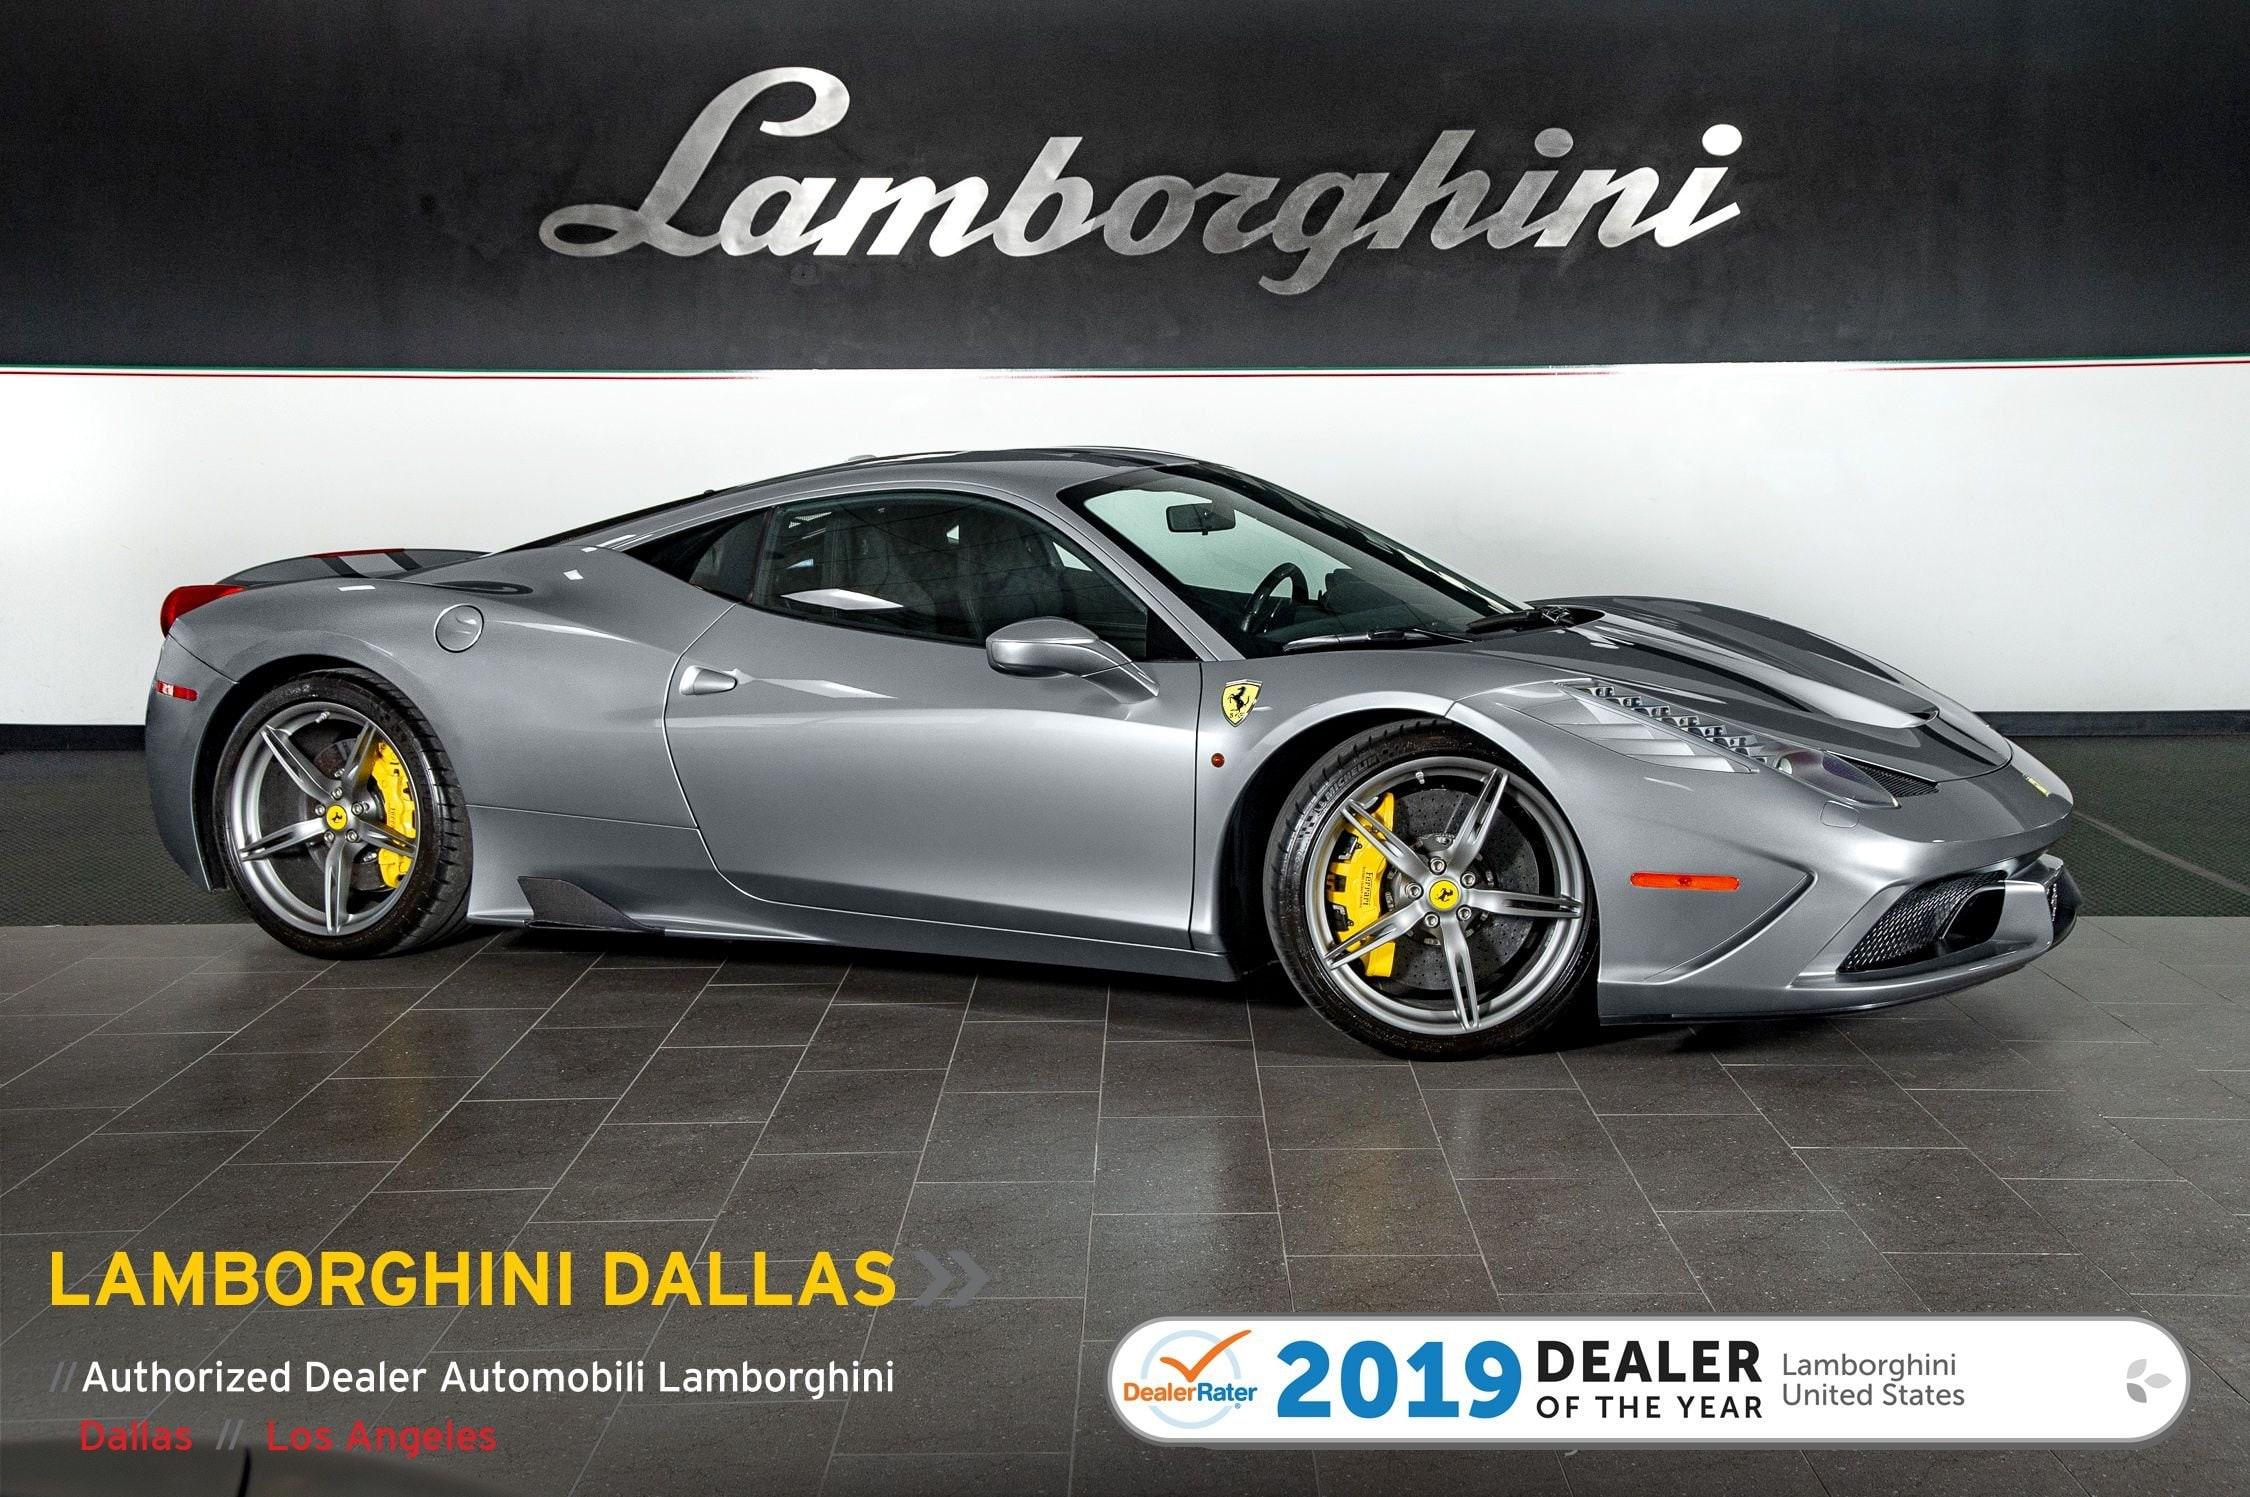 Used 2015 Ferrari 458 Italia Speciale For Sale Richardson Tx Stock L1217 Vin Zff75vfa2f0210574